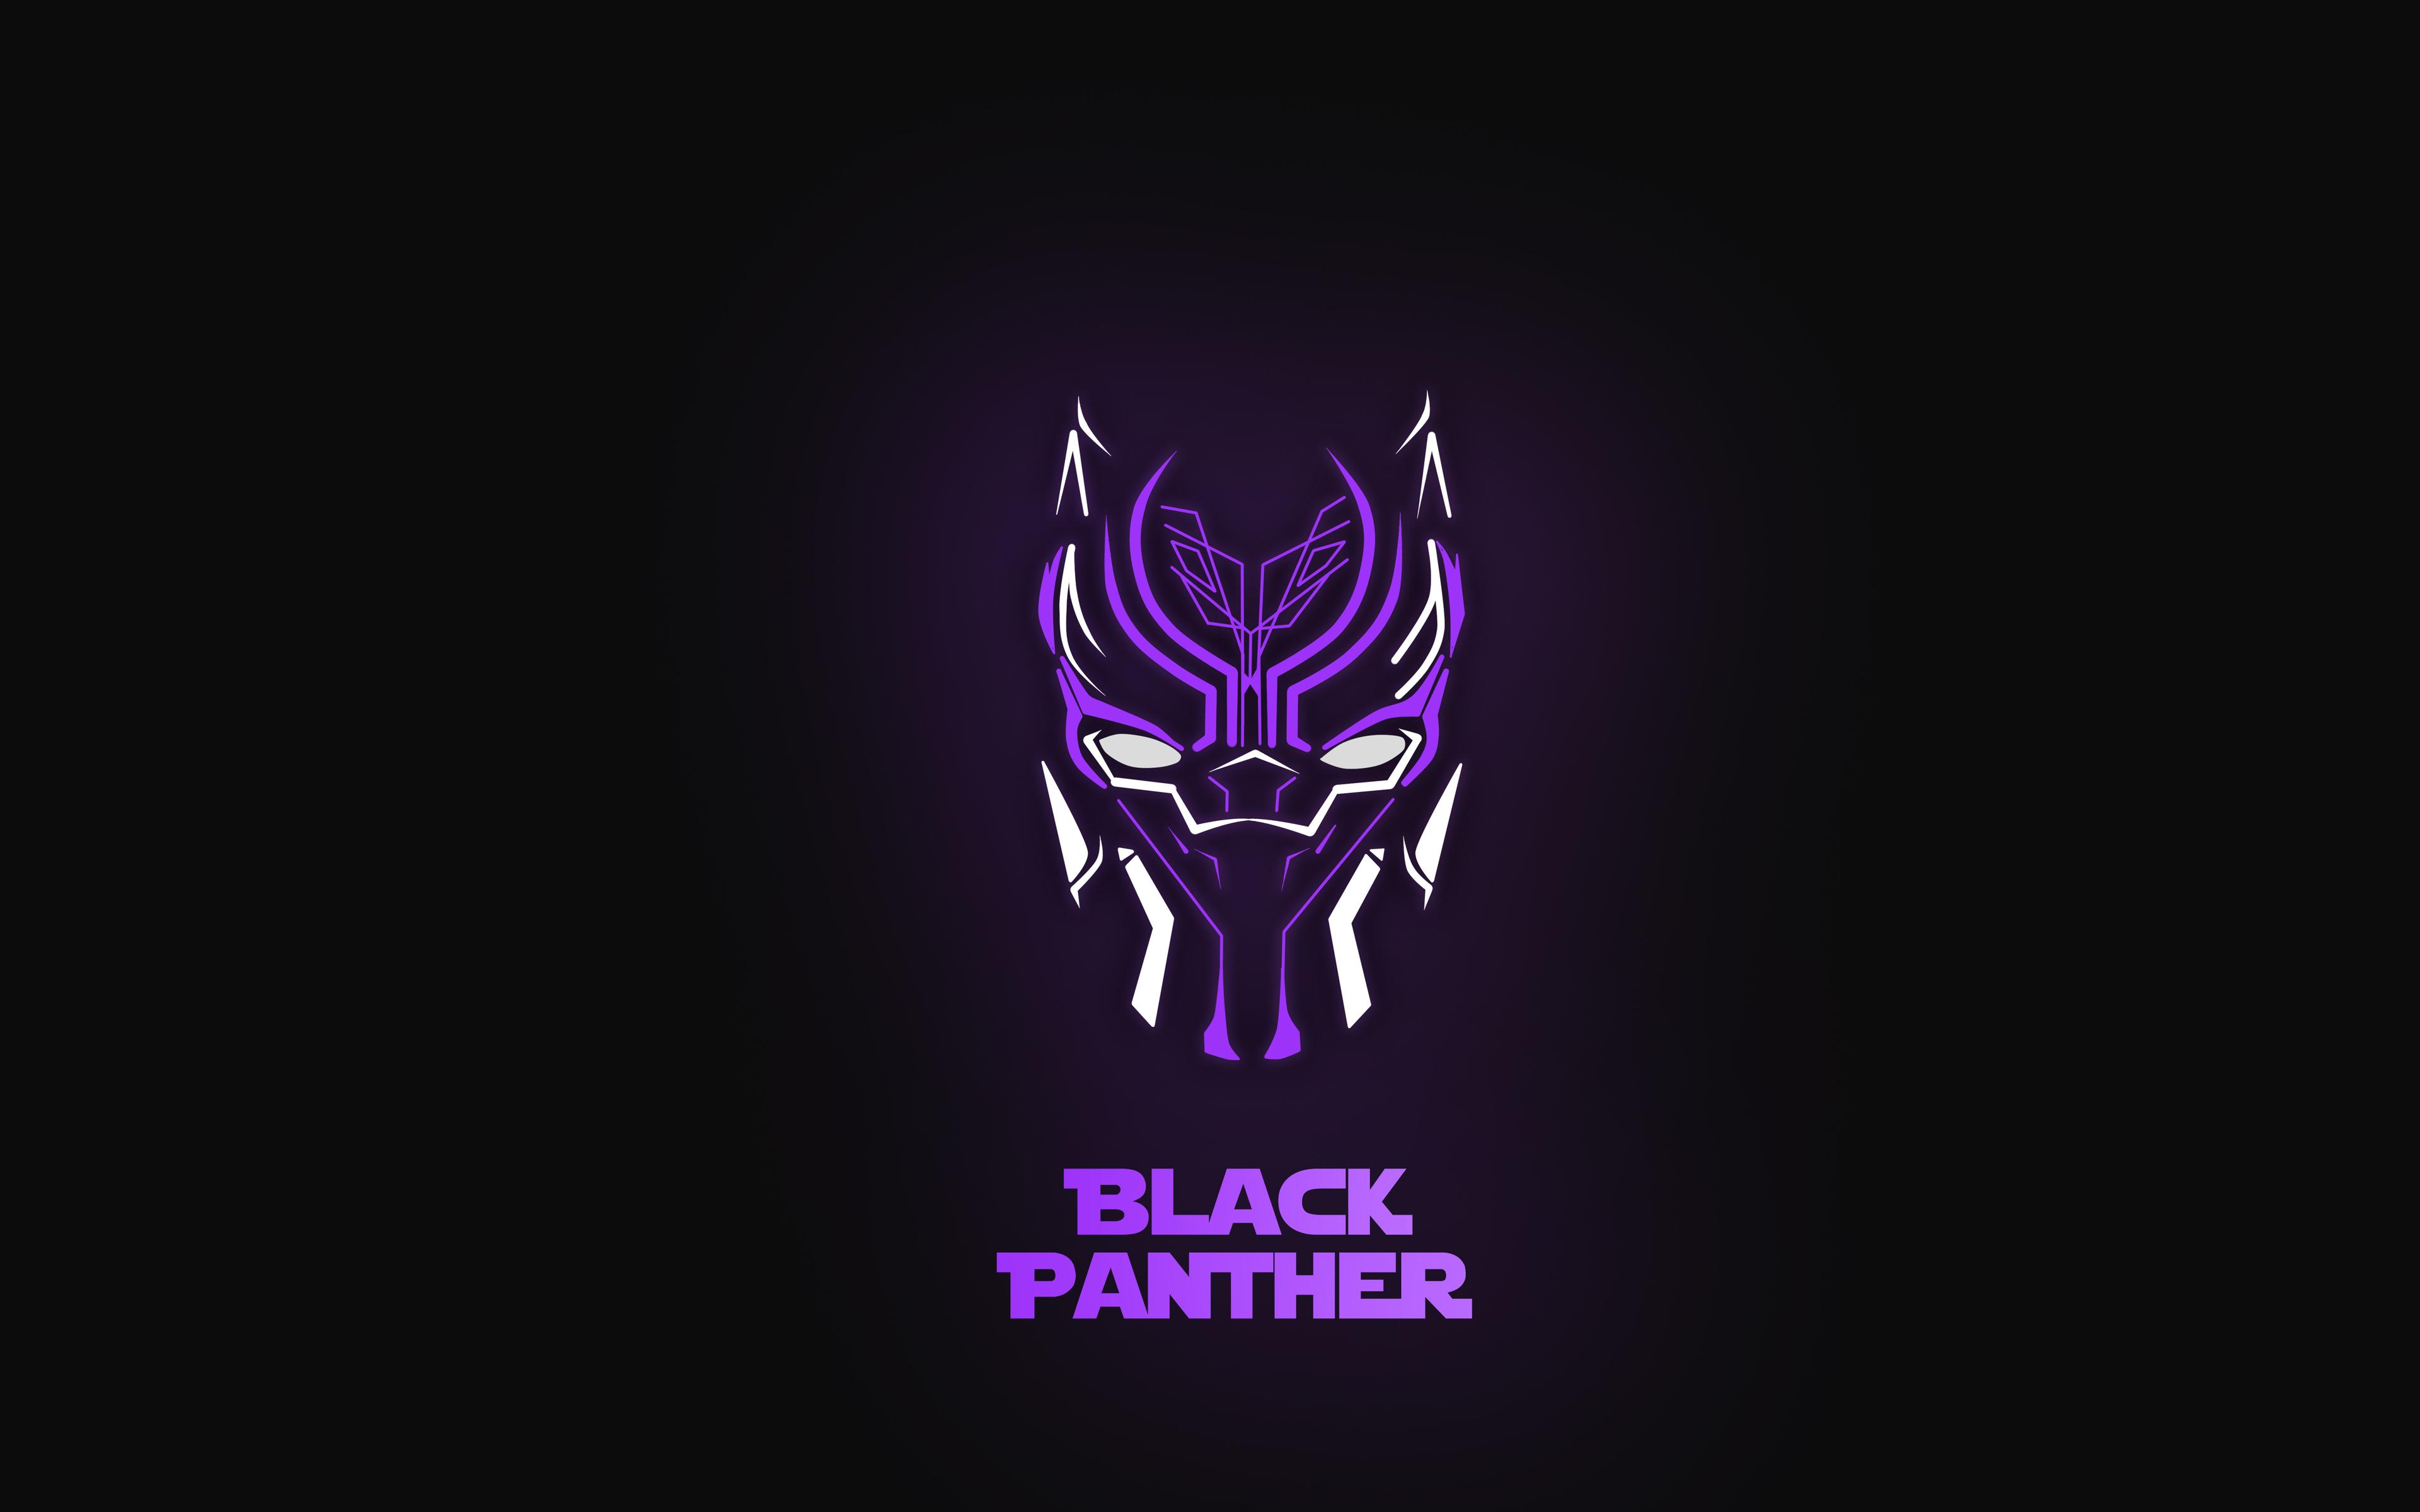 Black Panther Minimal Mask Wallpaper Hd Superheroes 4k